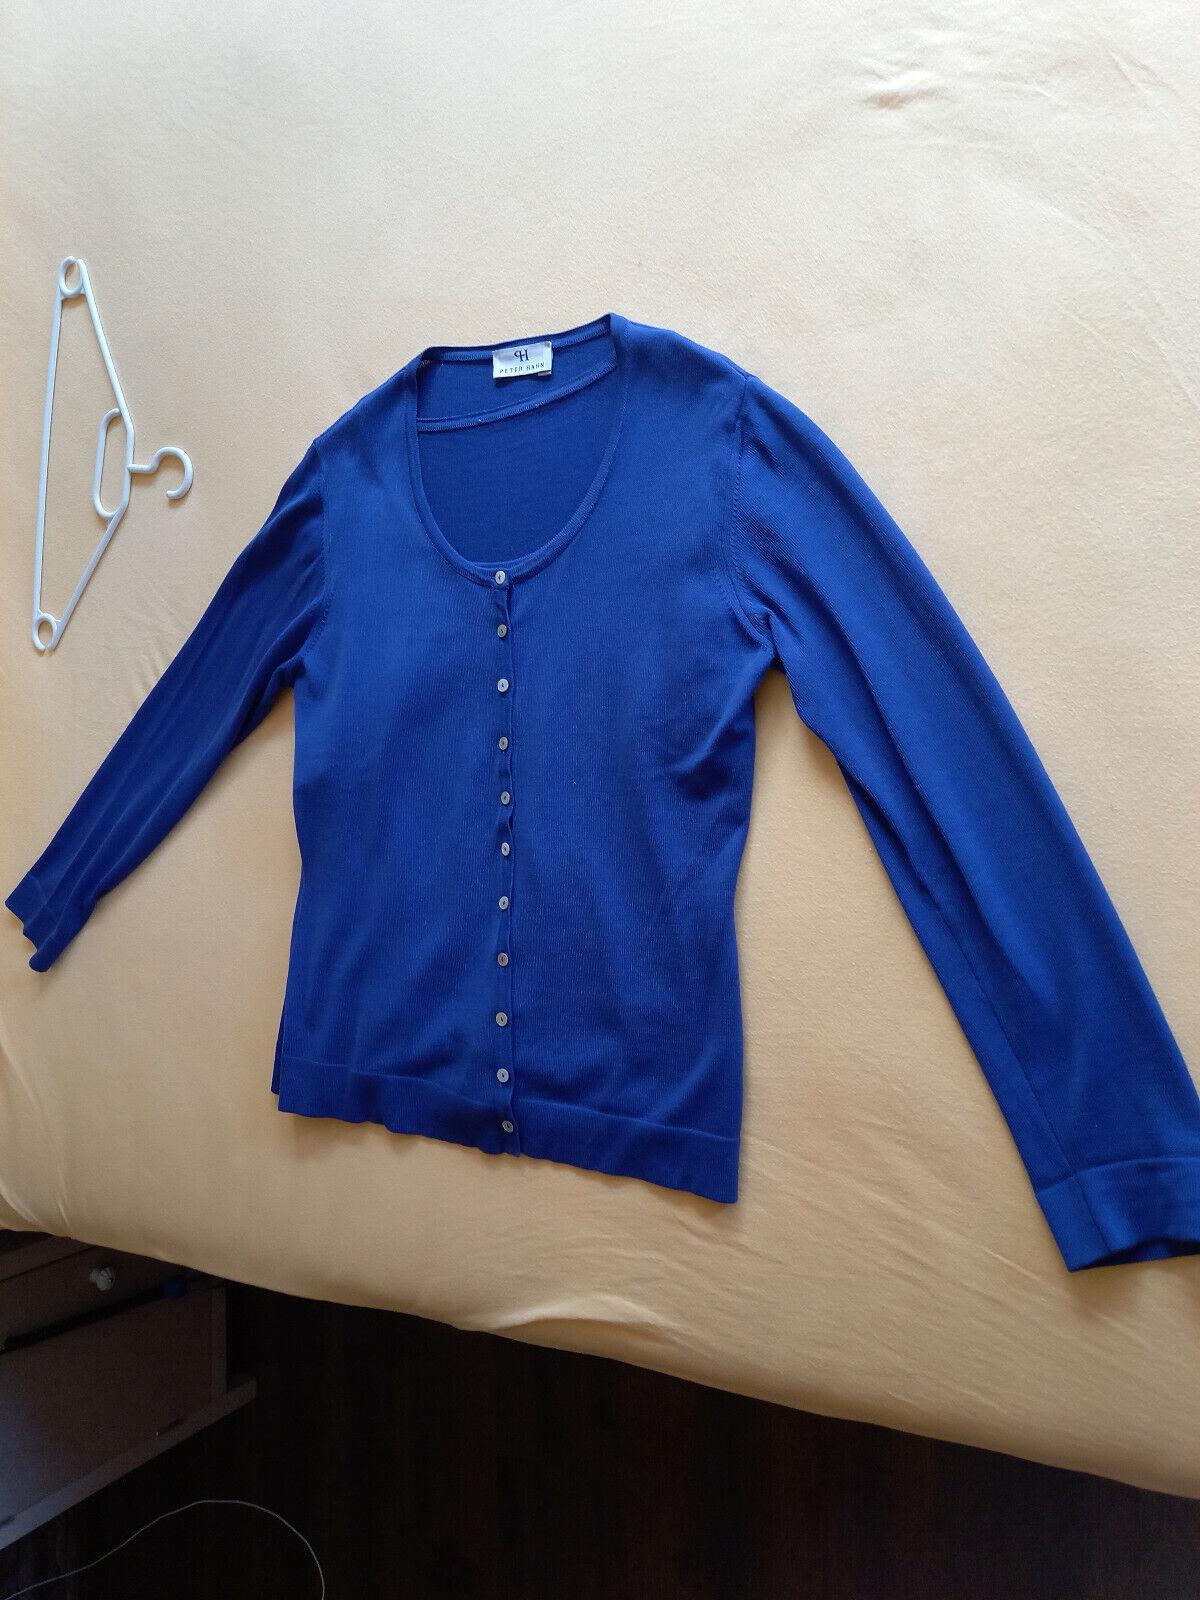 Peter Hahn Twin Set Gr. 40 blau Strickjacke und kurzärmeliger Strickpulli